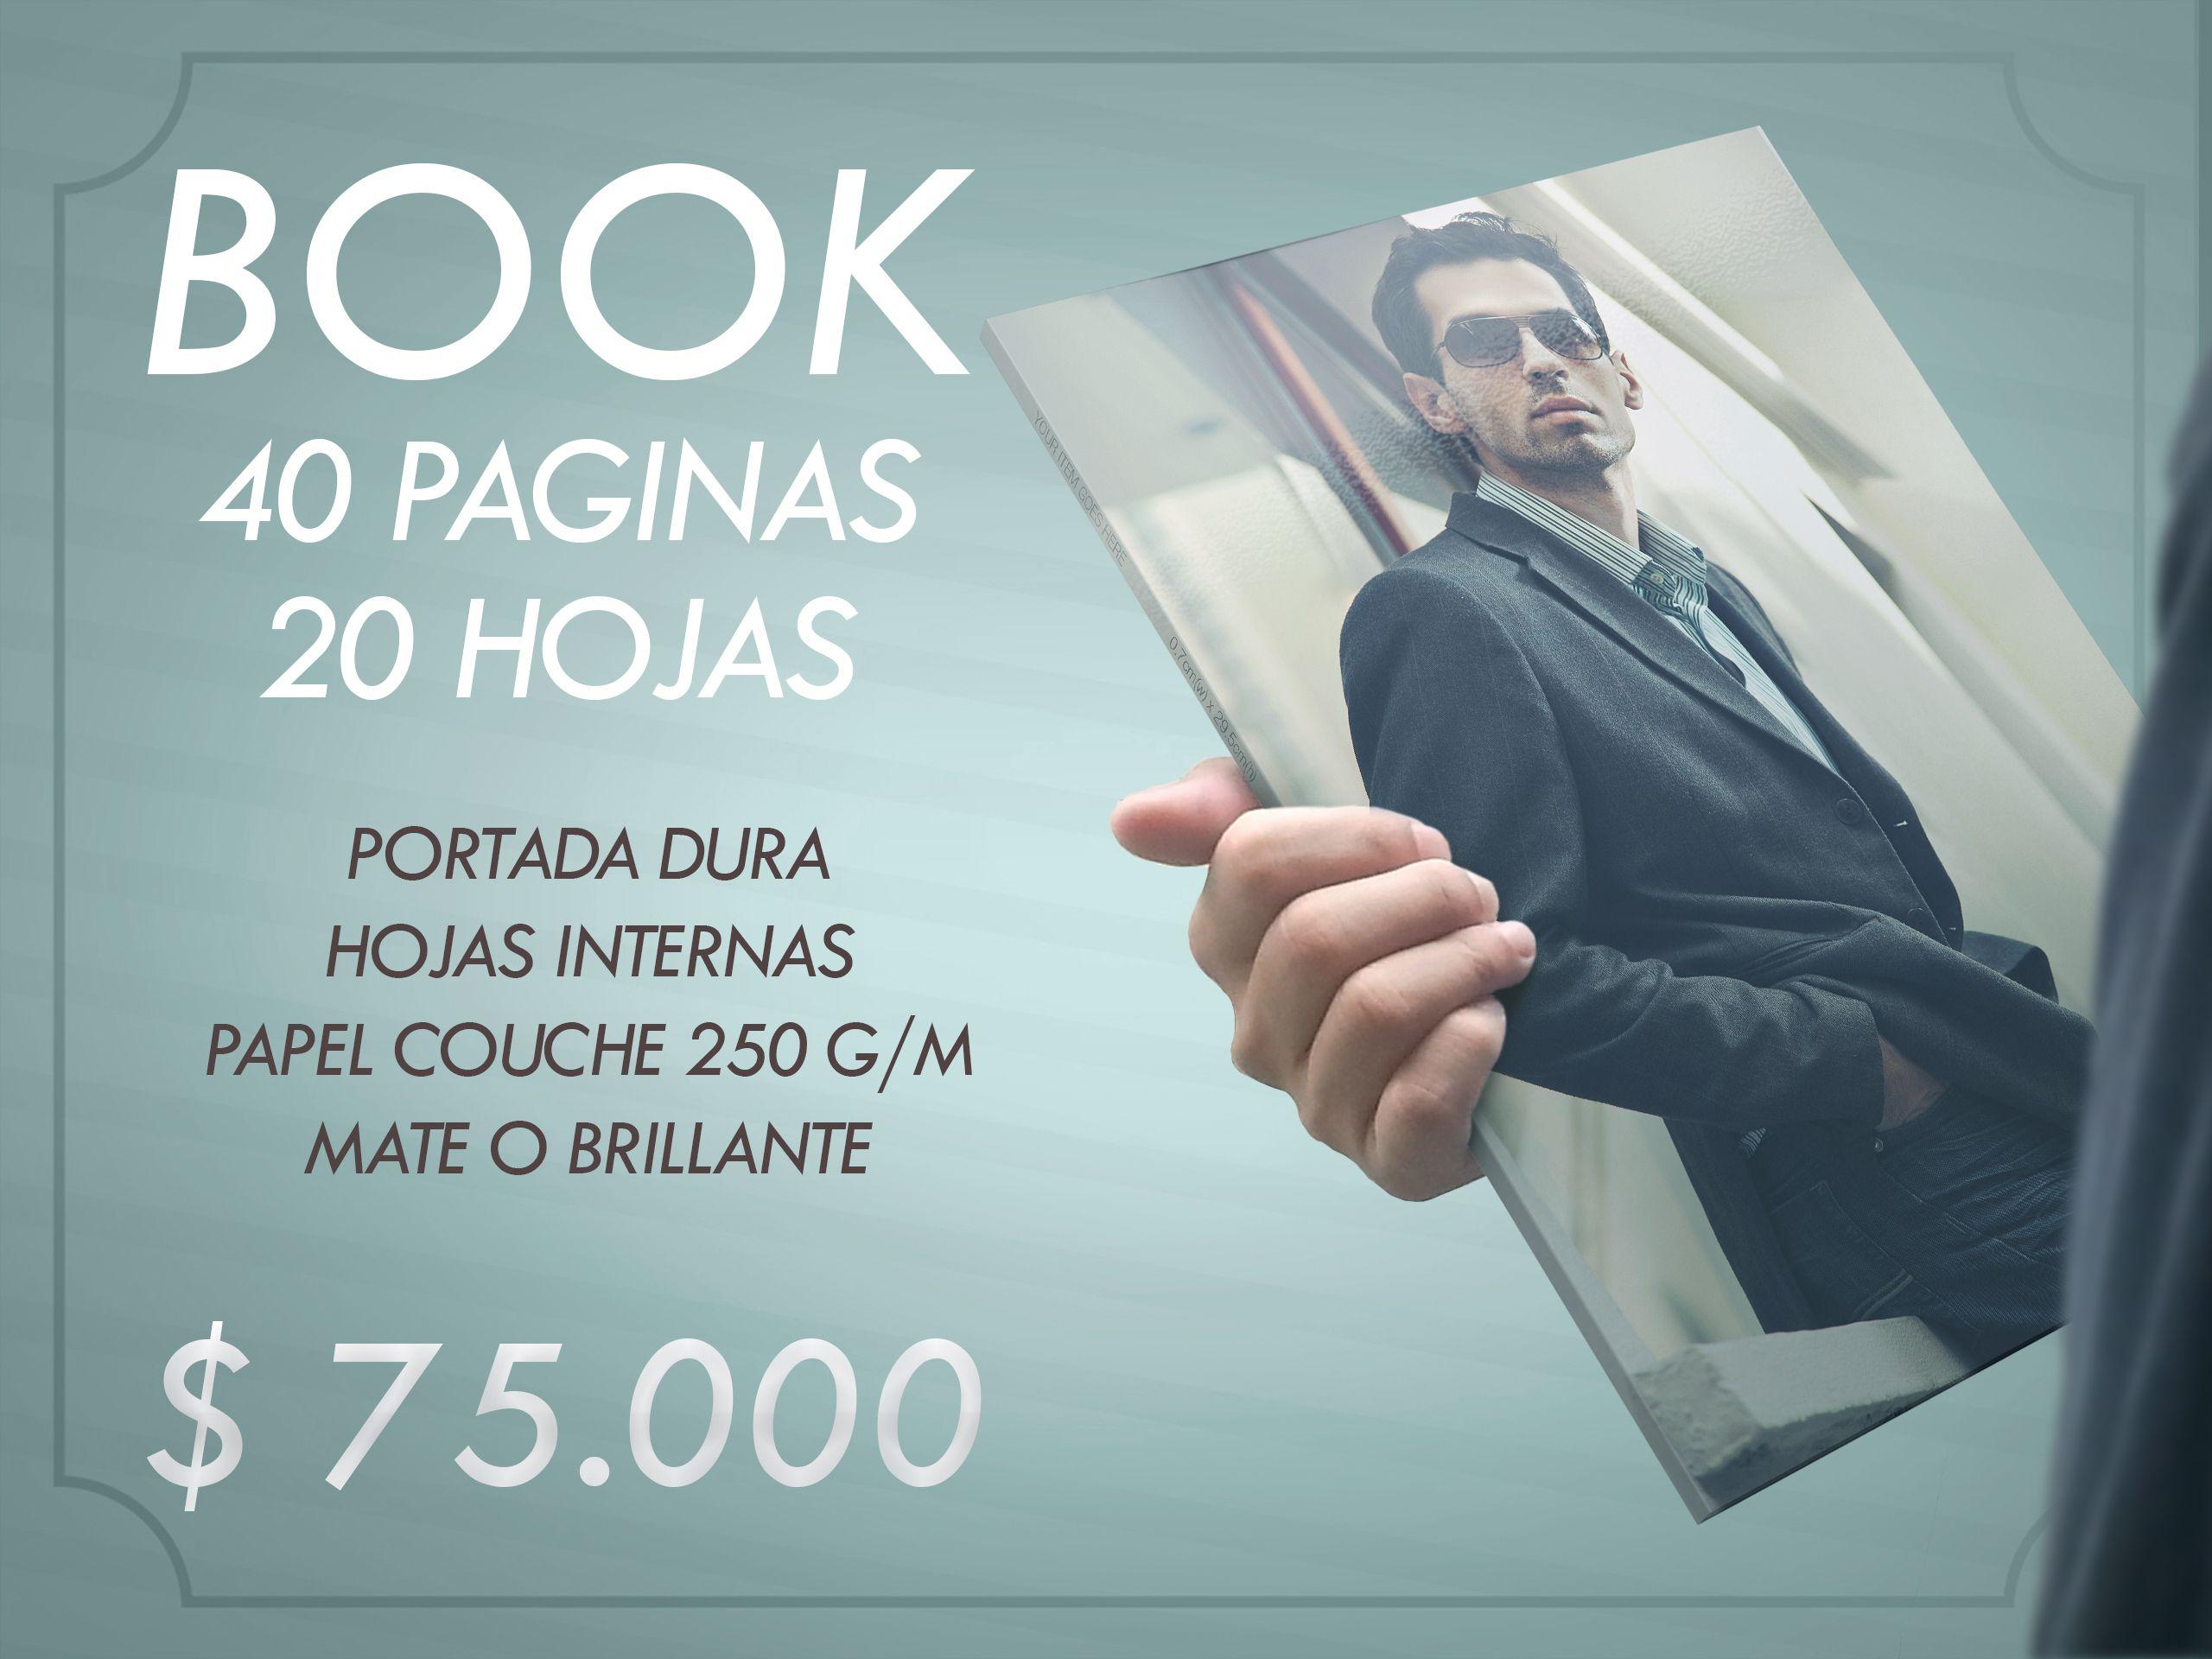 Guarda tus #momentos especiales en un #photobook, #crea tu propio diseño y espéralo en casa #Impreya Envíos a todo Colombia http://impreya.com/funbook/